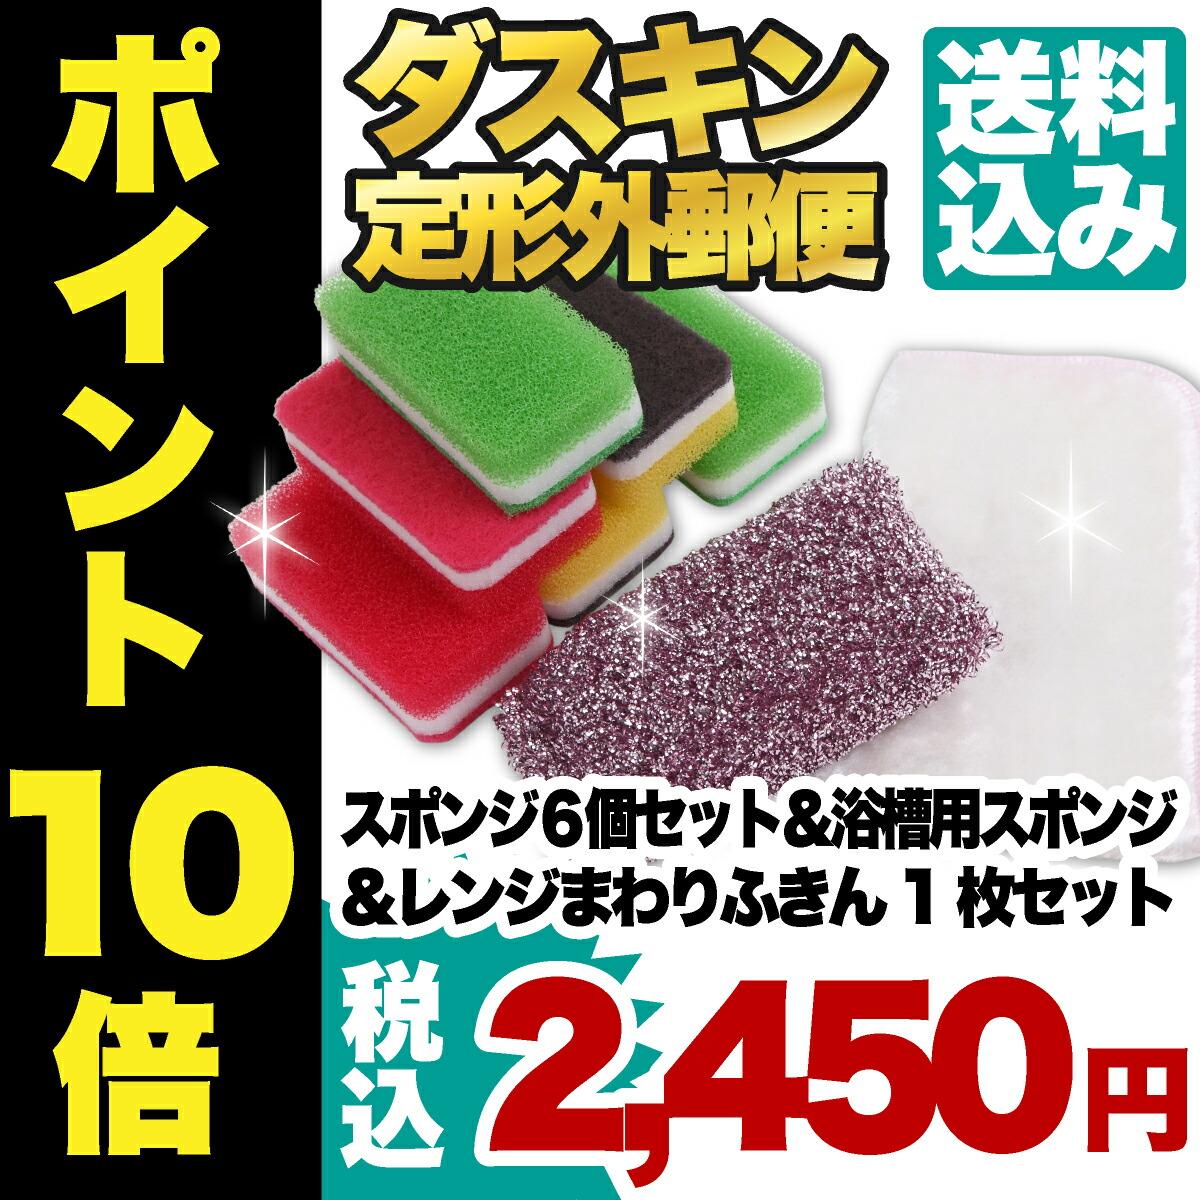 ダスキン3色スポンジ6個セット&浴槽用スポンジ&レンジまわりふきん1枚